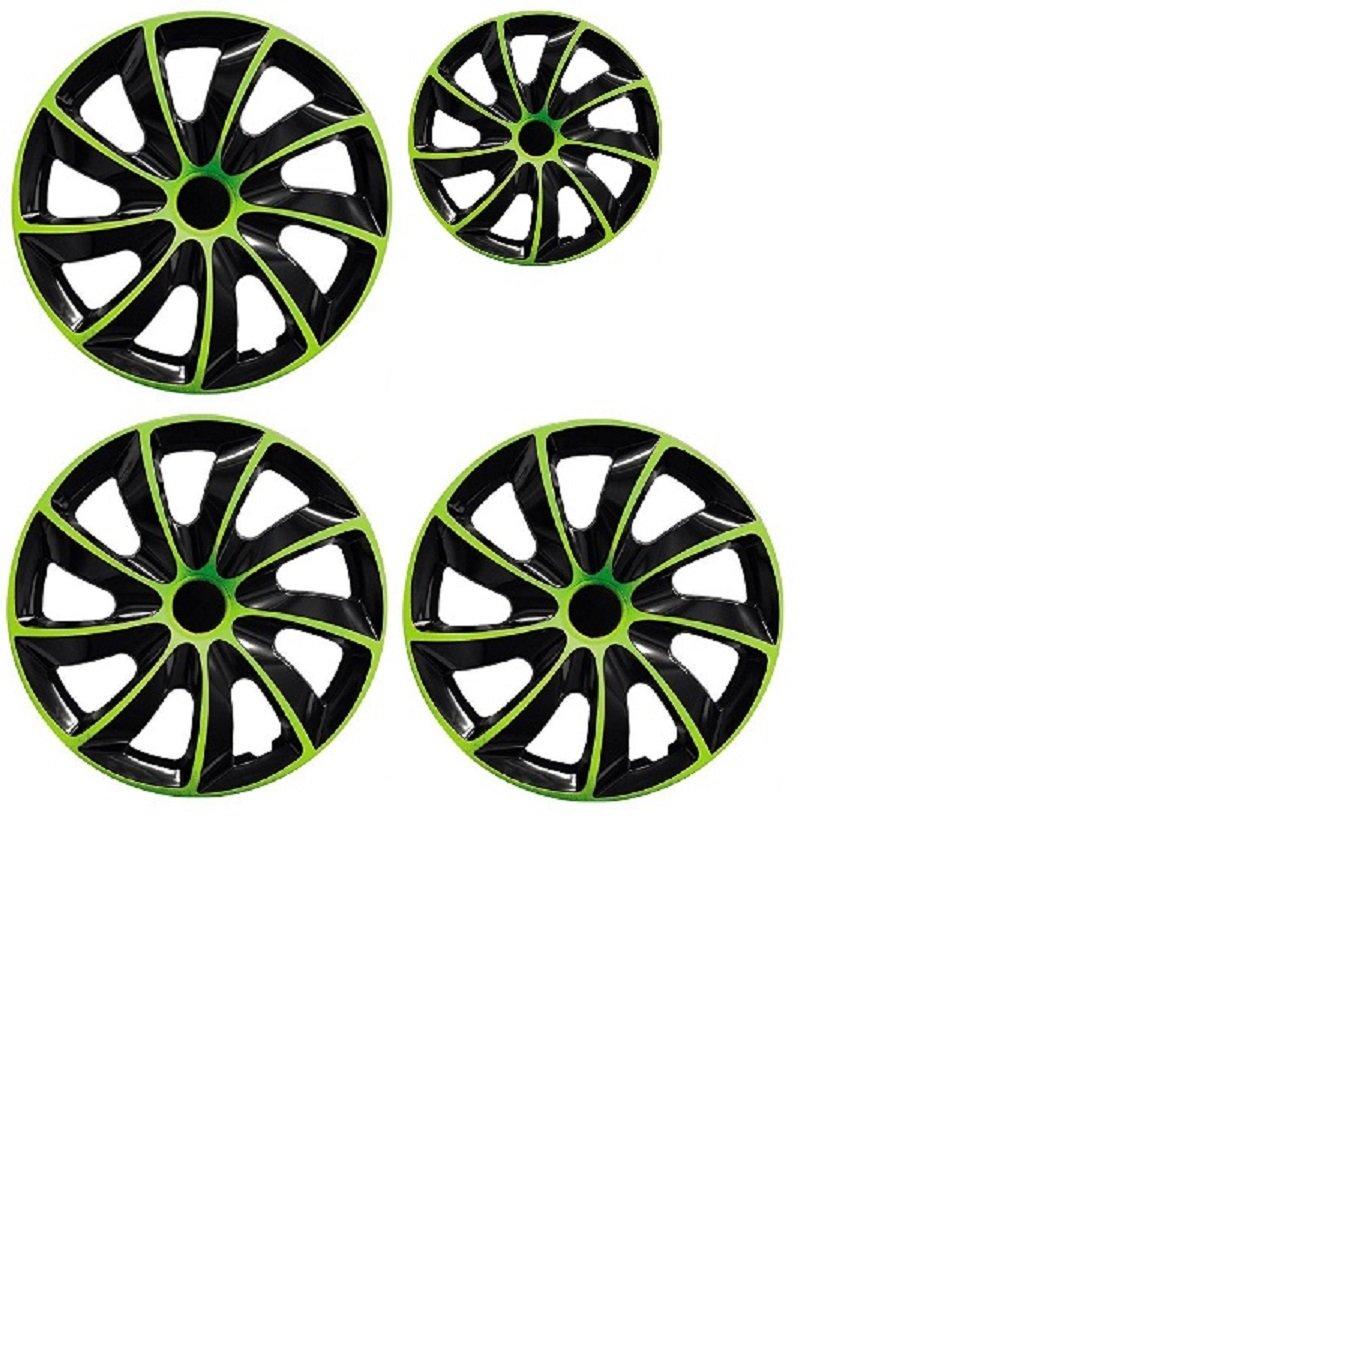 PARA Alfa 15 pulgadas tapacubos/Tapacubos QUAD verde 15 negro black verde: Amazon.es: Coche y moto